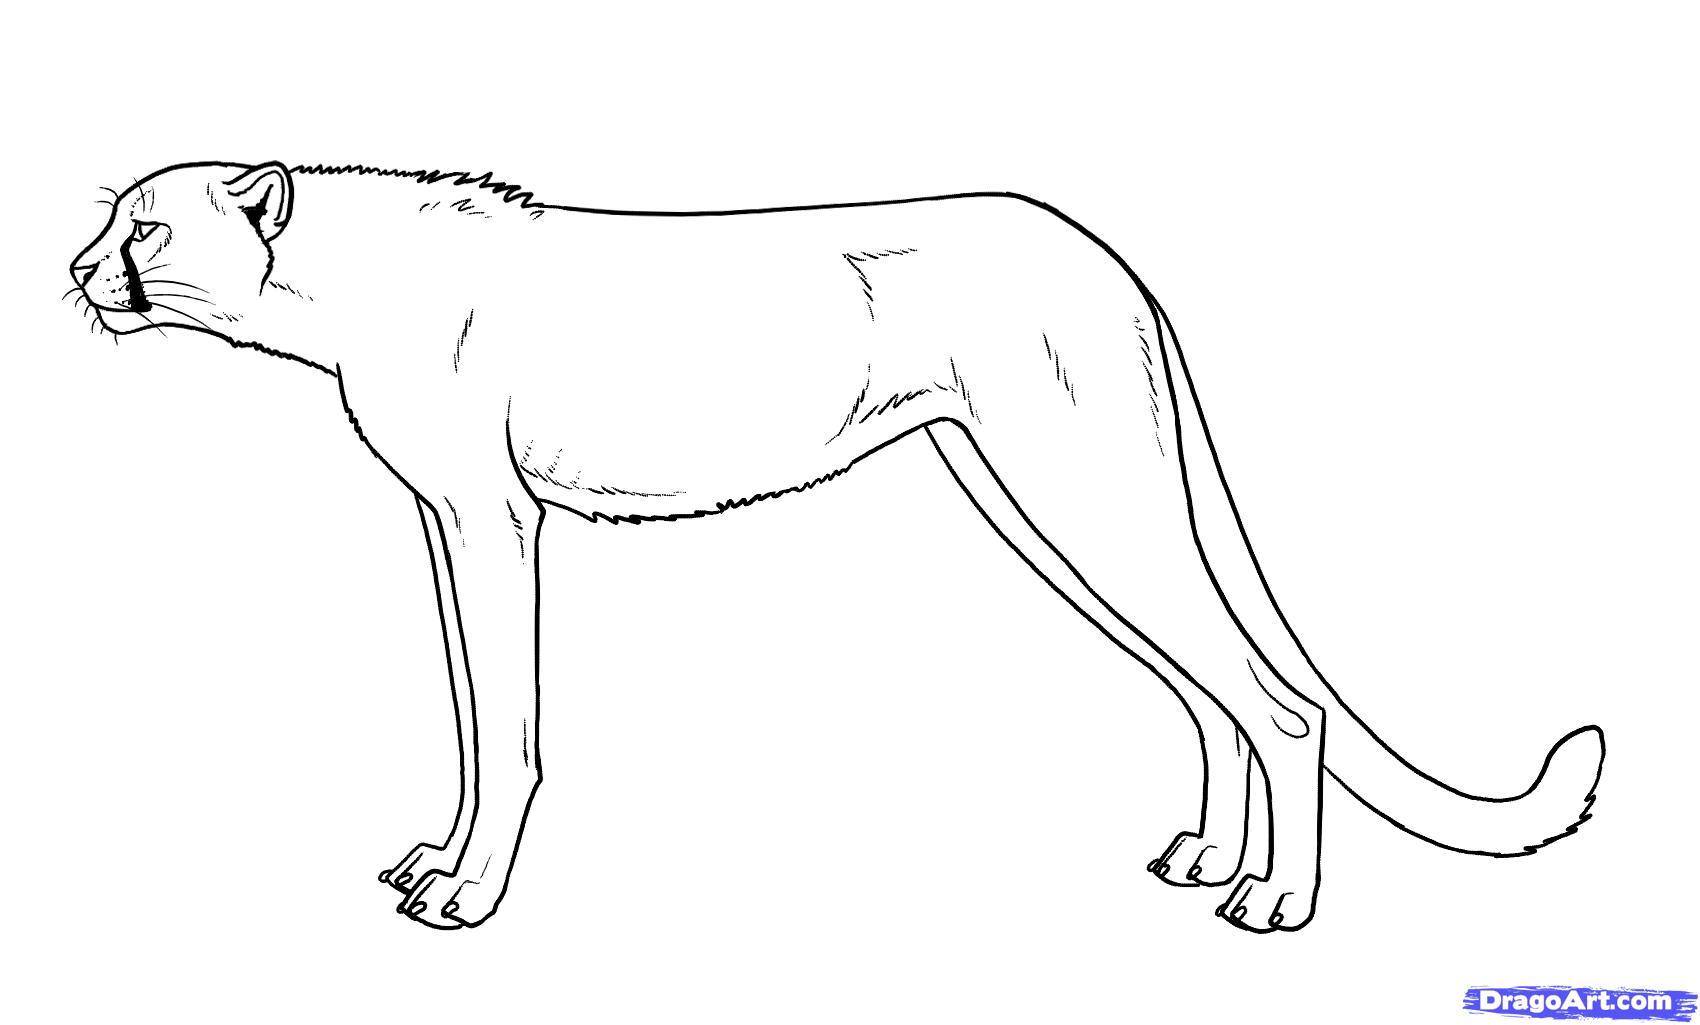 Drawn cheetah Cheetah Simple drawing photo#4 Drawing